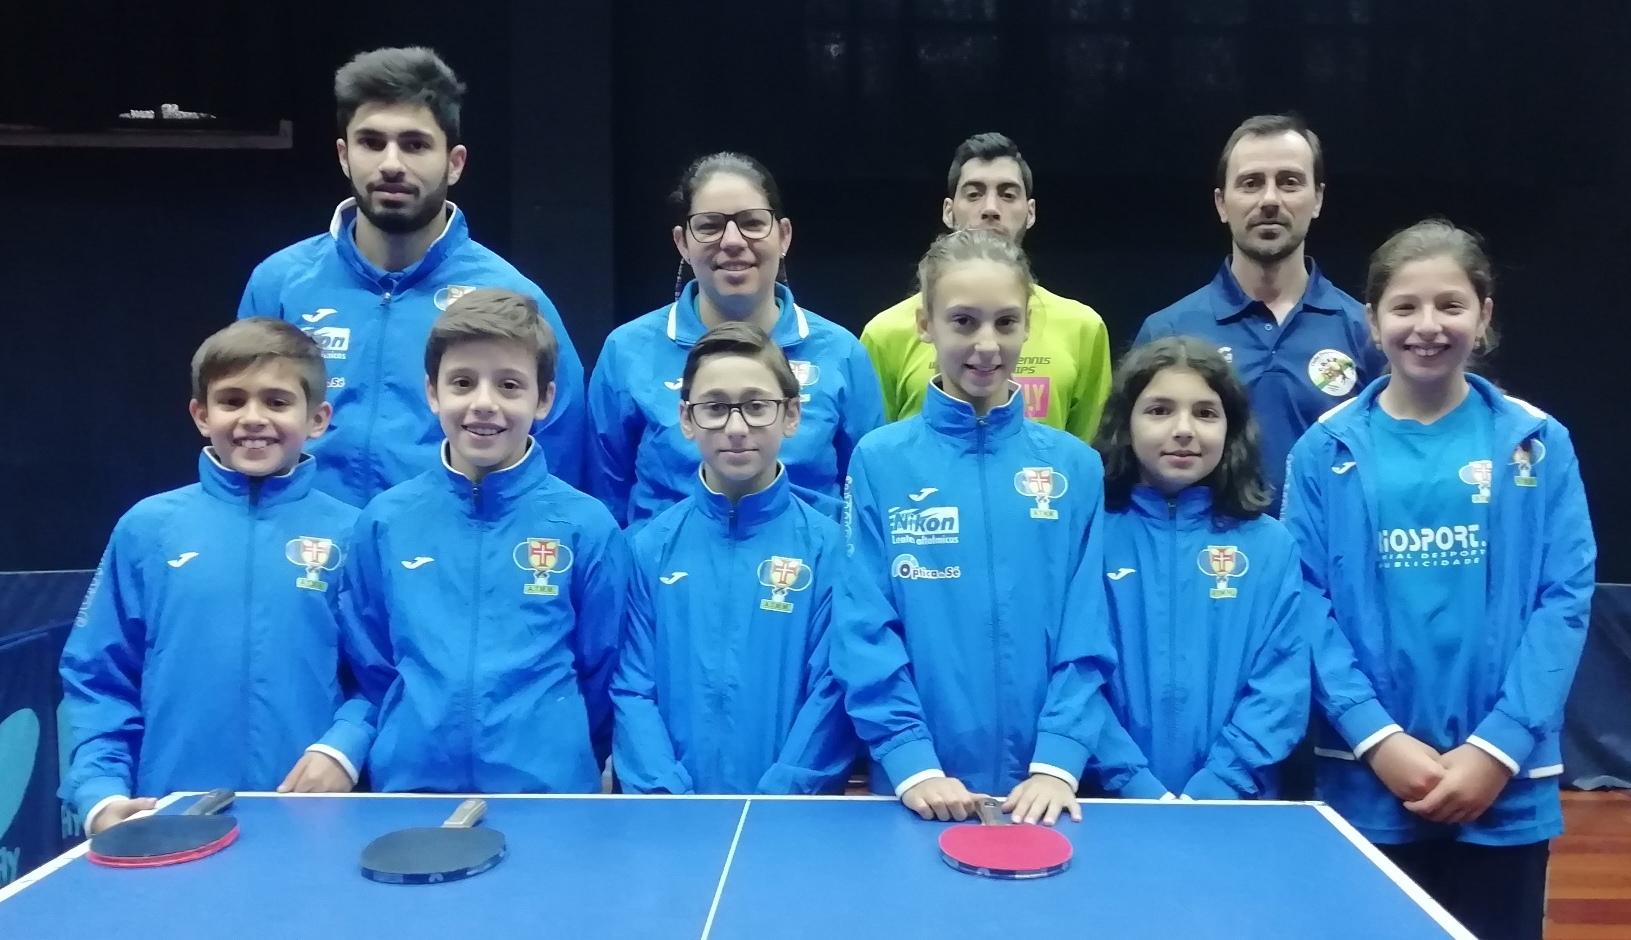 Estágio - Torneio da Catalunha 2019